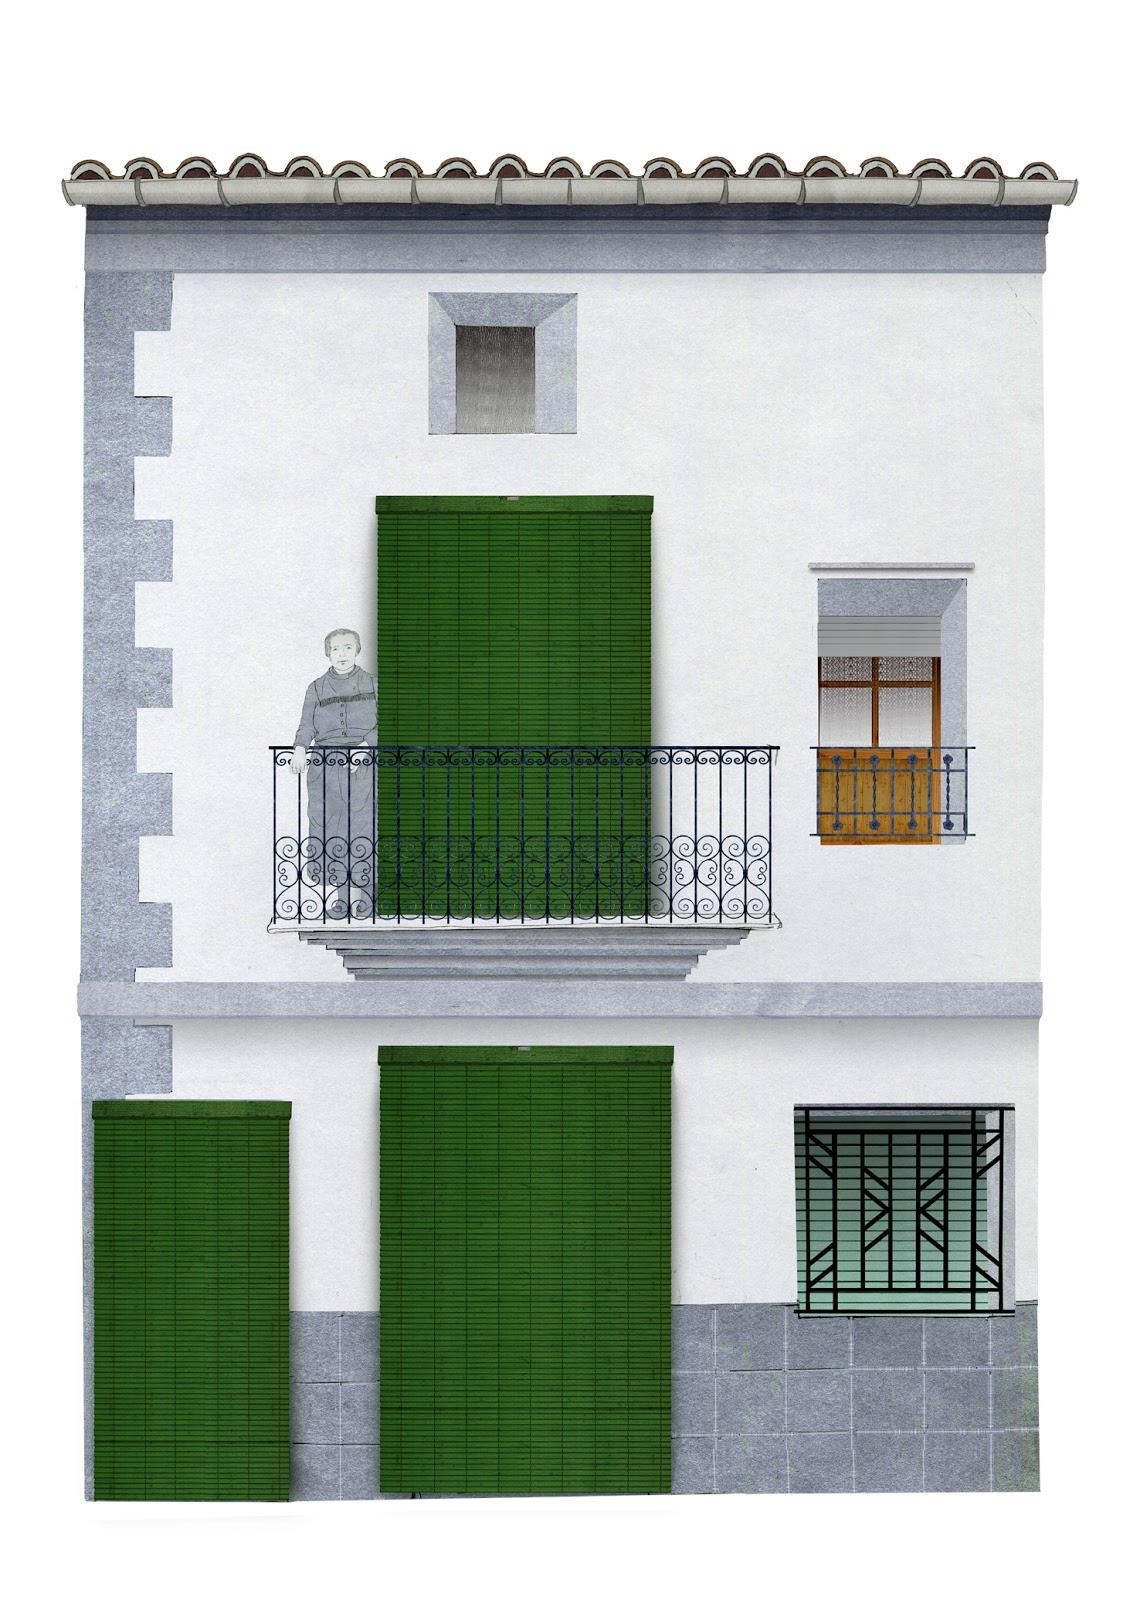 arquitectura, rural, casa, balconj con señora, dibujo